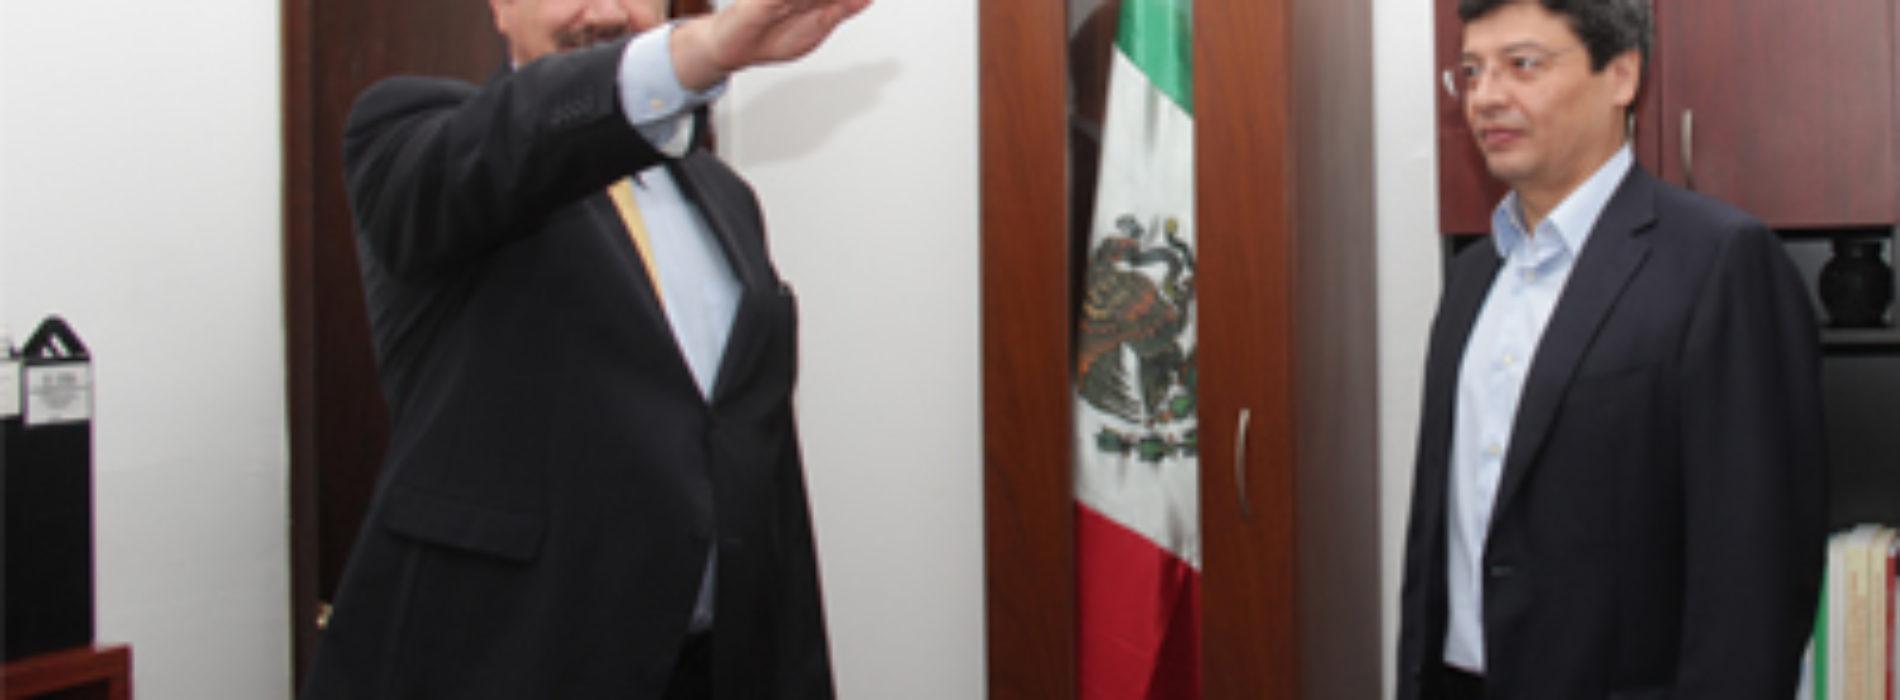 Designa Gabino Cué a Jorge Vilar Llorens como nuevo titular de la CGEMSySCyT